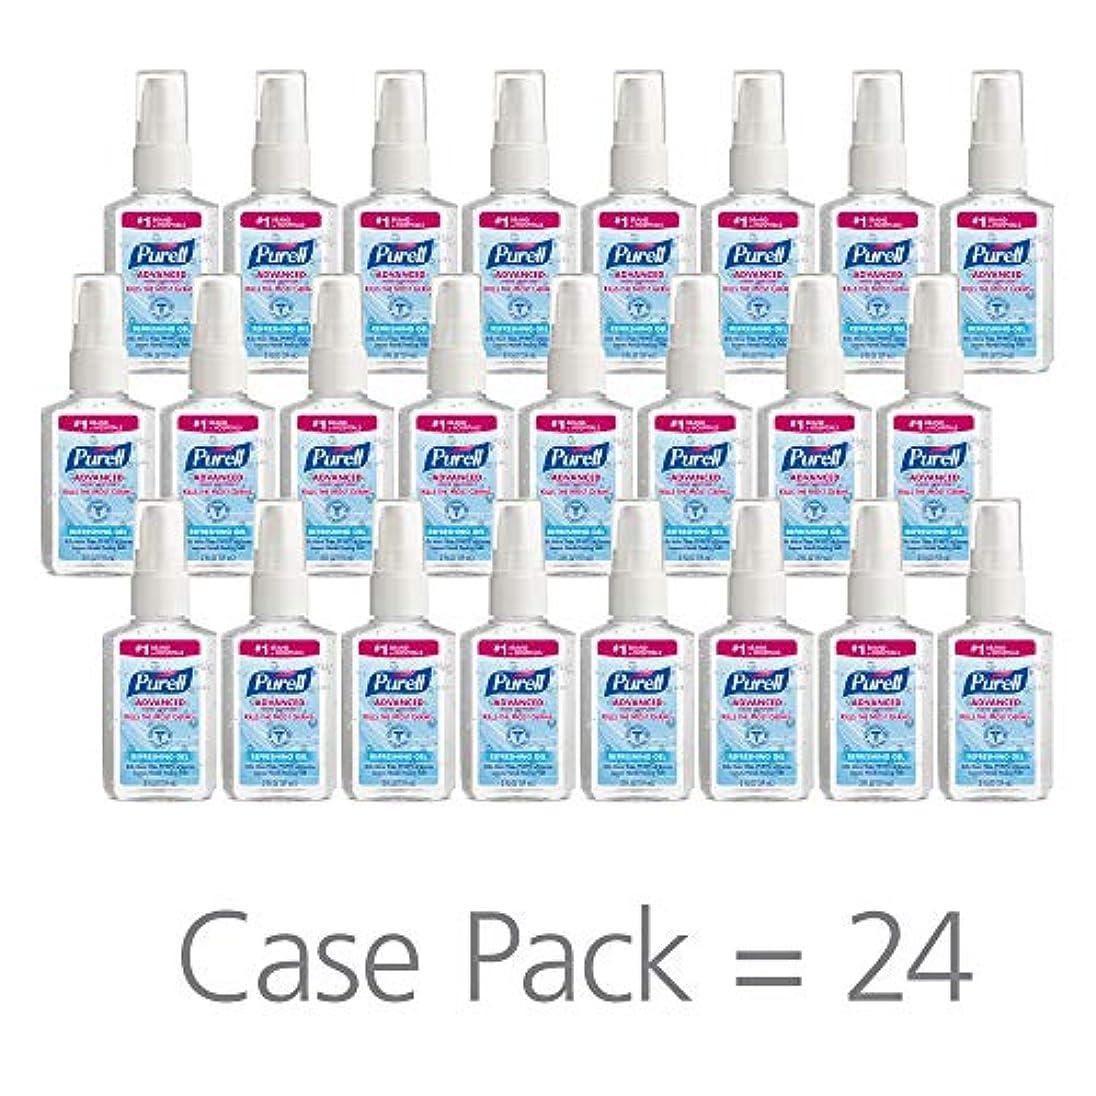 ジョリー失効魔女PURELL 9606-24 Advanced Instant Hand Sanitizer, 2 fl. oz. Pump Bottle (Case of 24),2 fl. Oz by Purell